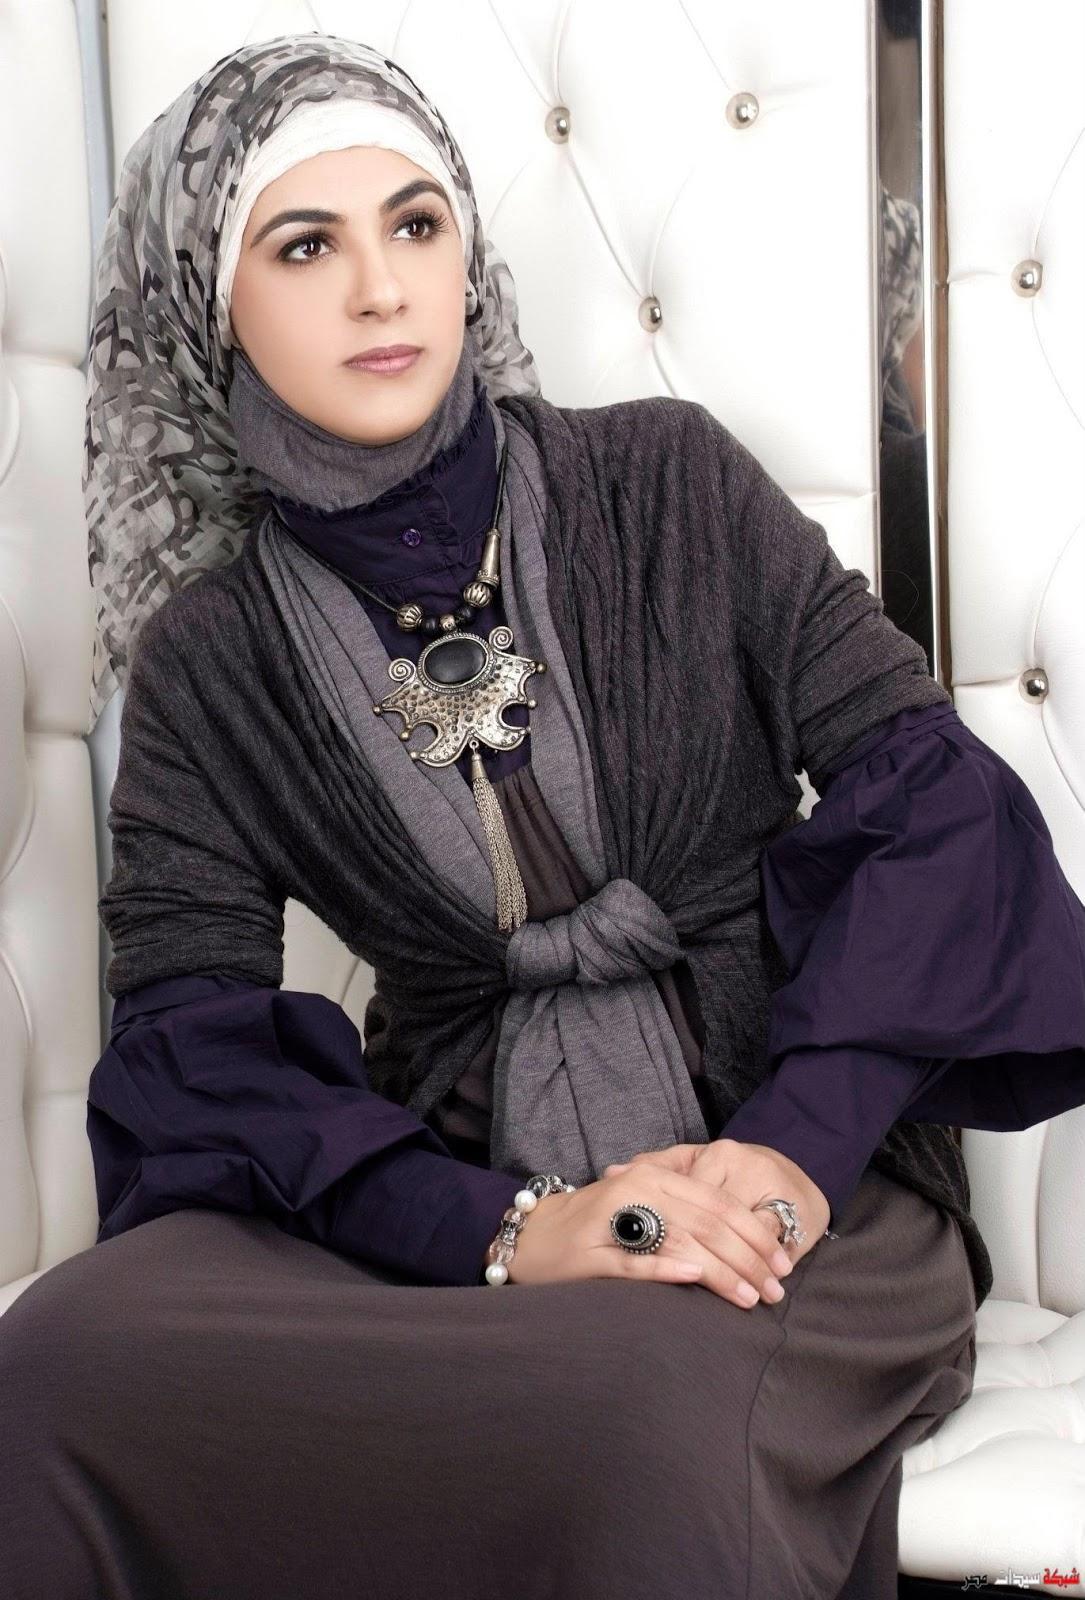 بالصور بنات يمنيات , تعرف علي الجمال اليمني الاصيل 3398 7